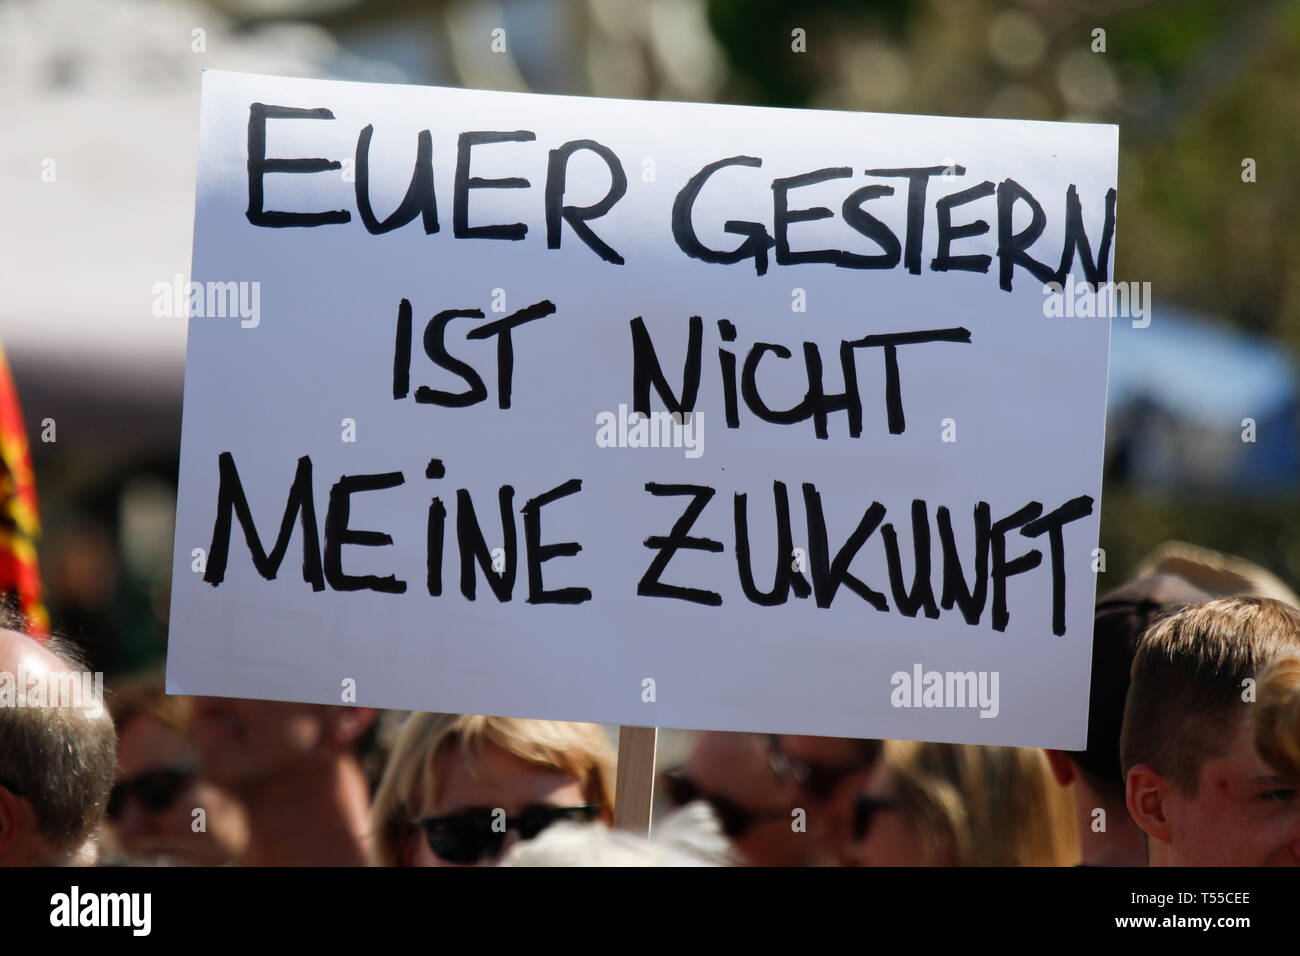 Ingelheim Am Rhein, Germany  20th Apr, 2019  A protester